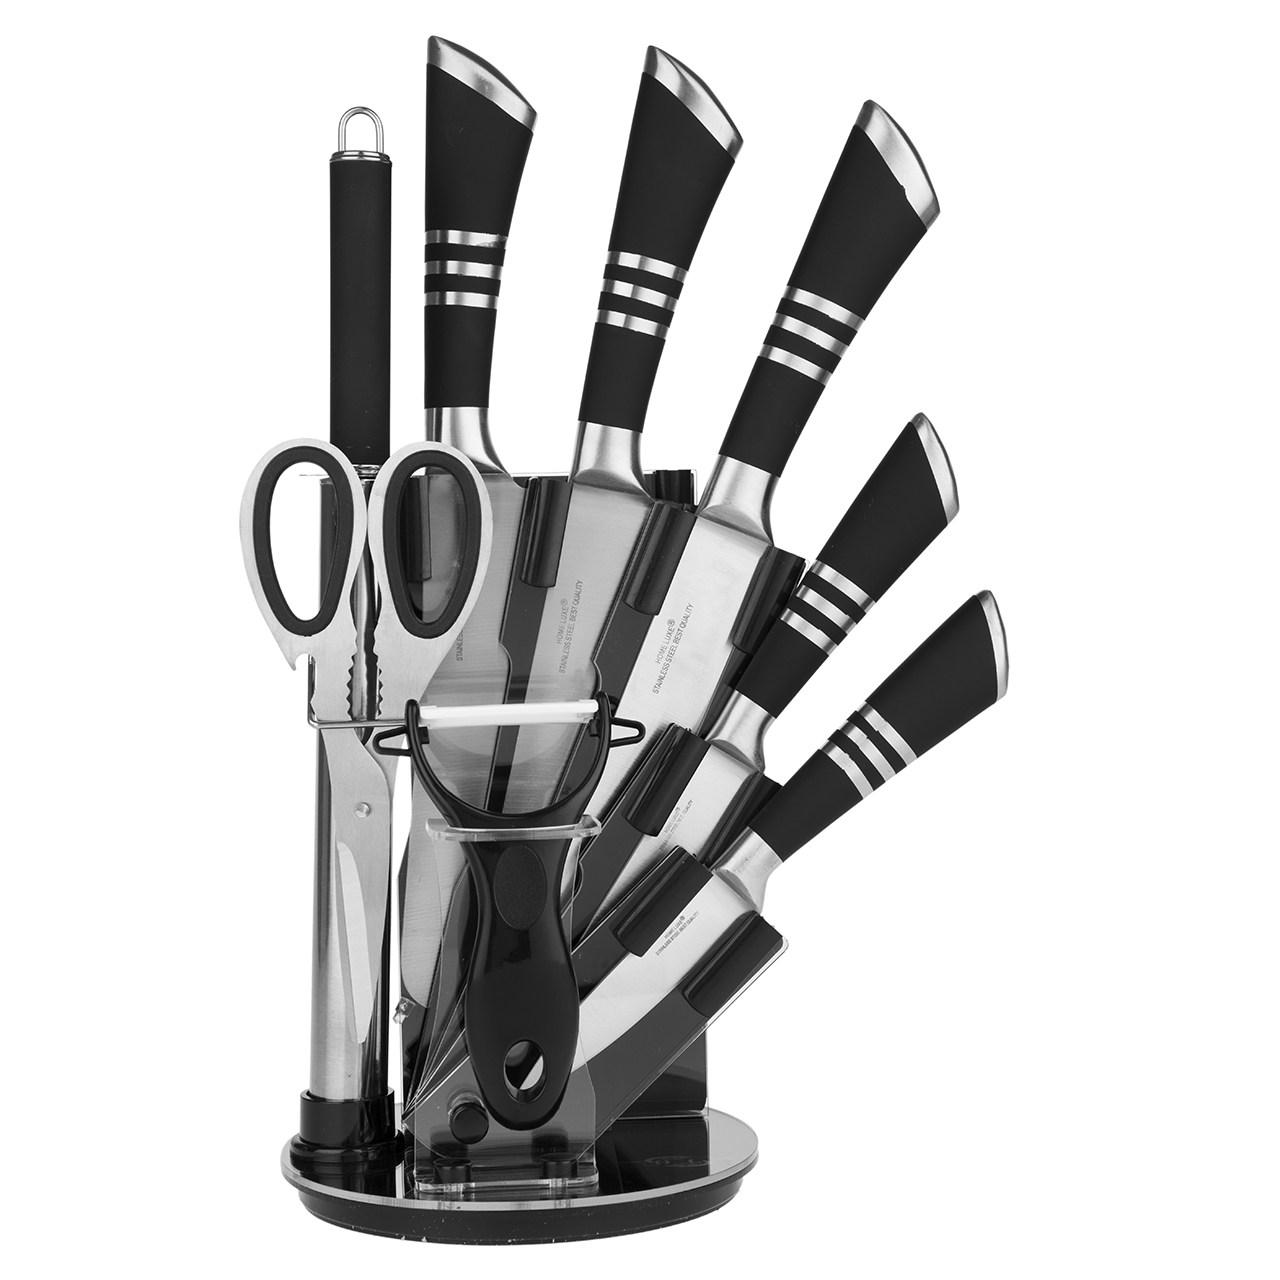 ست چاقو آشپزخانه 9 پارچه هوم لوکس سری کیچن نایف مدل RL-QKS1605